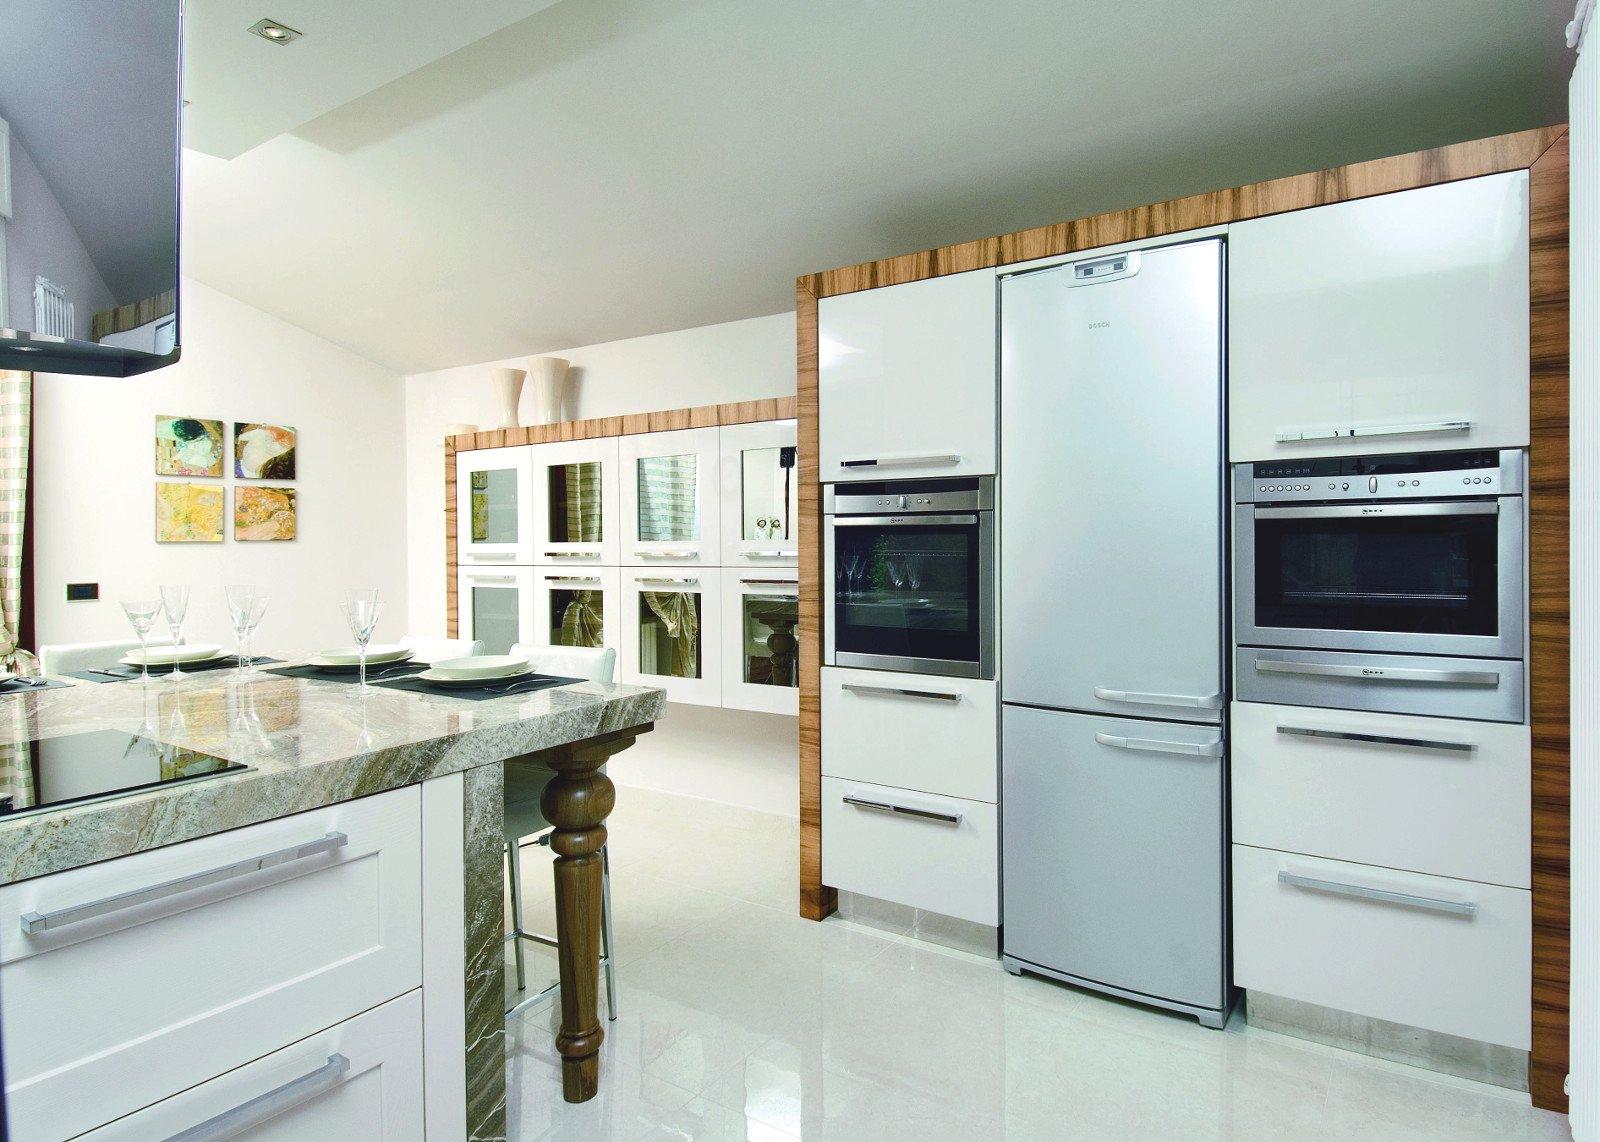 Cucine moderne in frassino con piano in marmo zuliani arredamenti